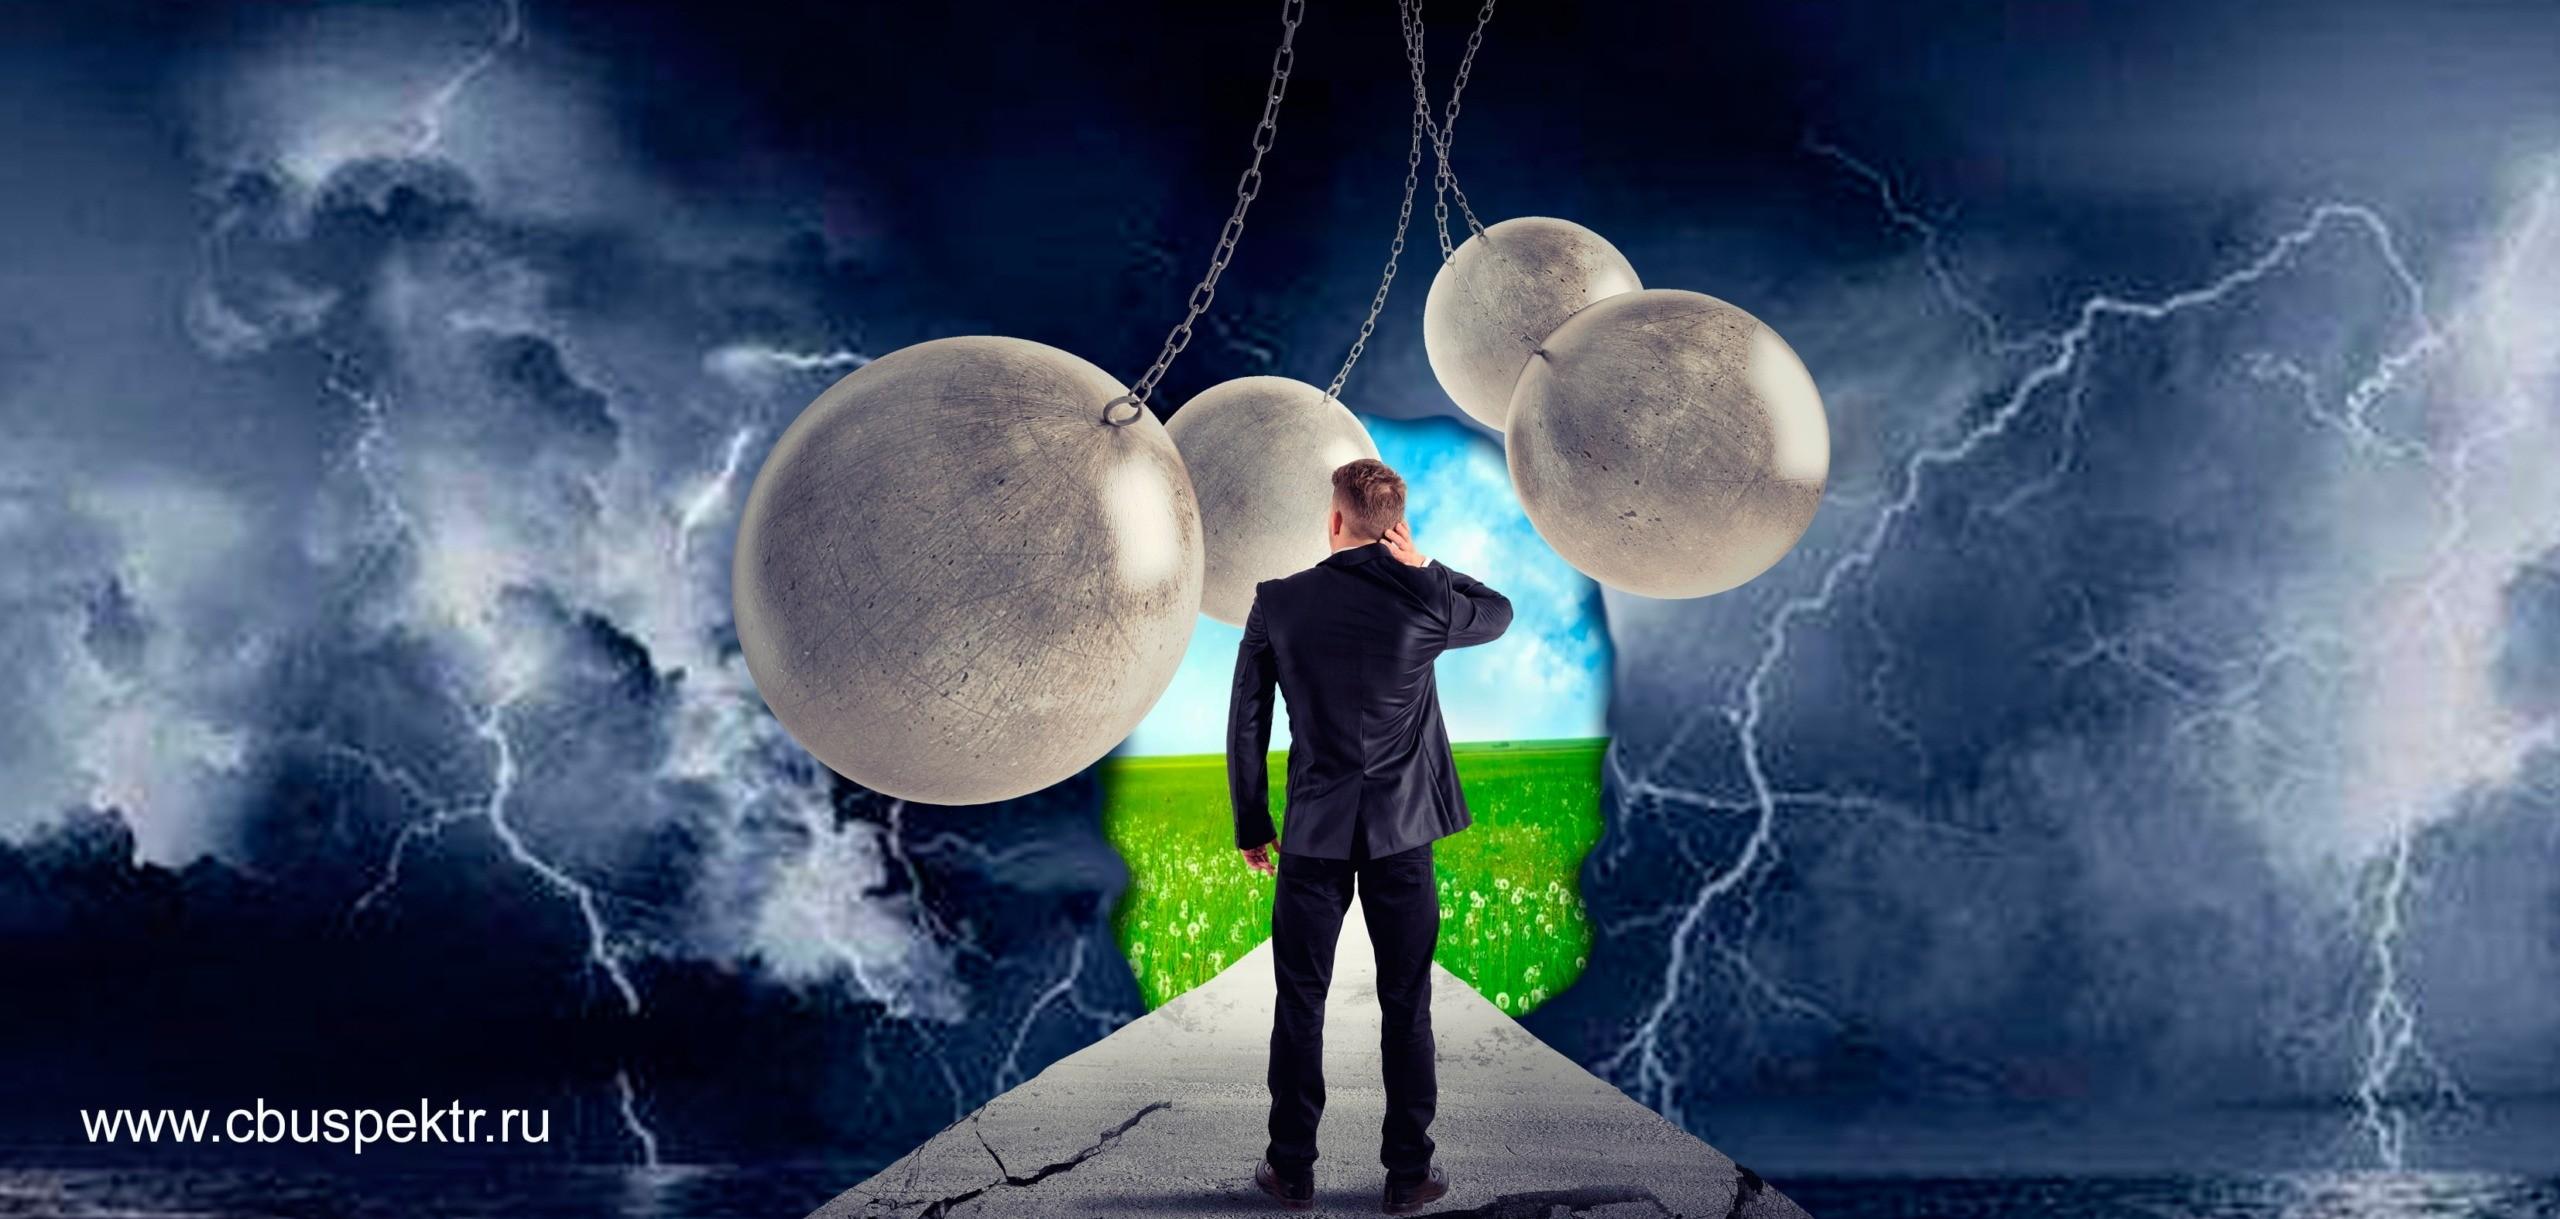 Бизнесмен оценивает рискованность бизнеса